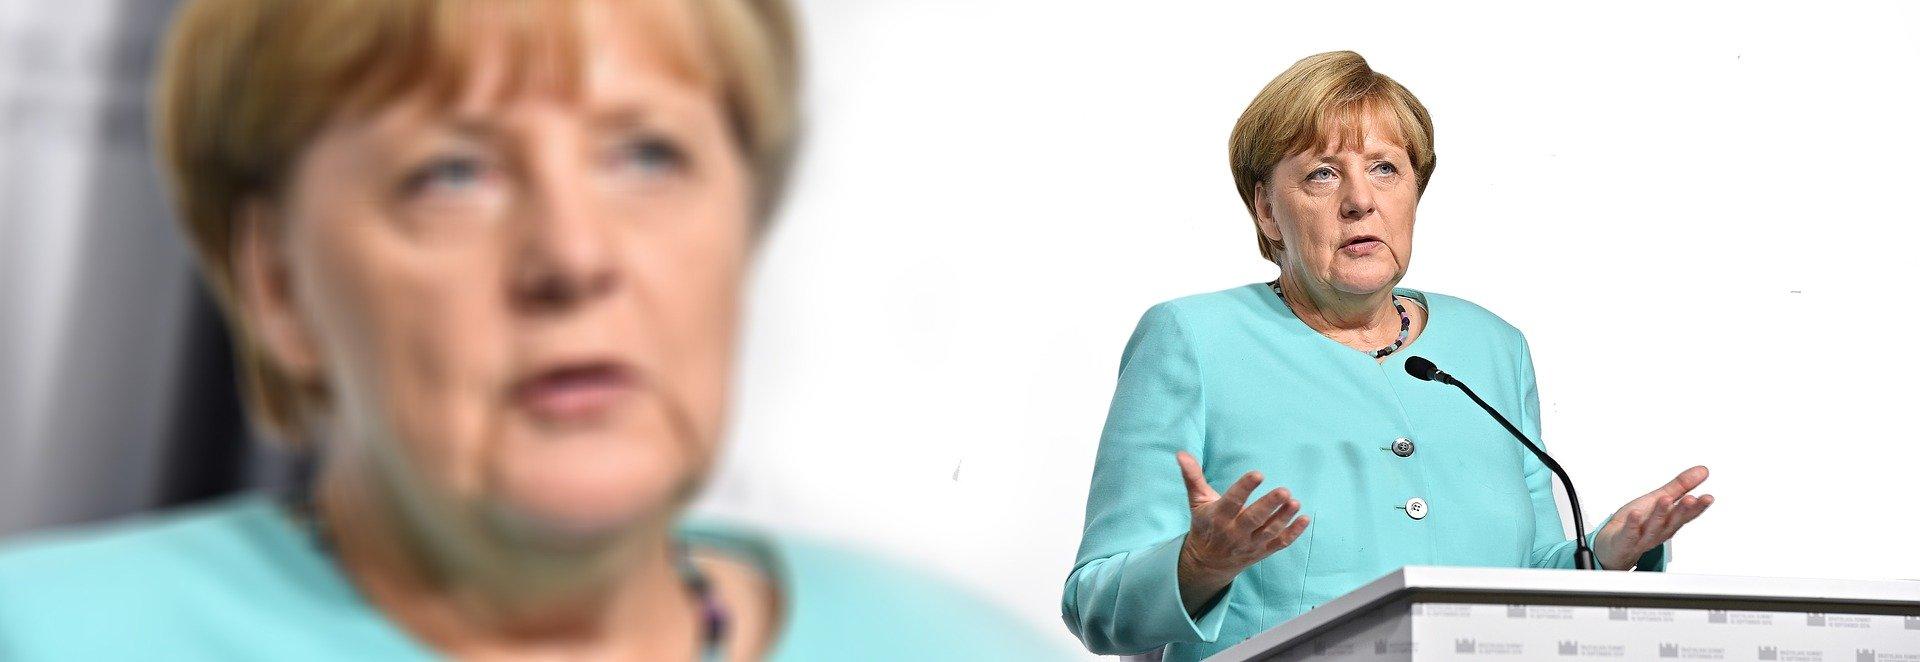 Warum war Merkels Rede zu Corona vom 18.03.2020 so gut? Eine rhetorische Analyse